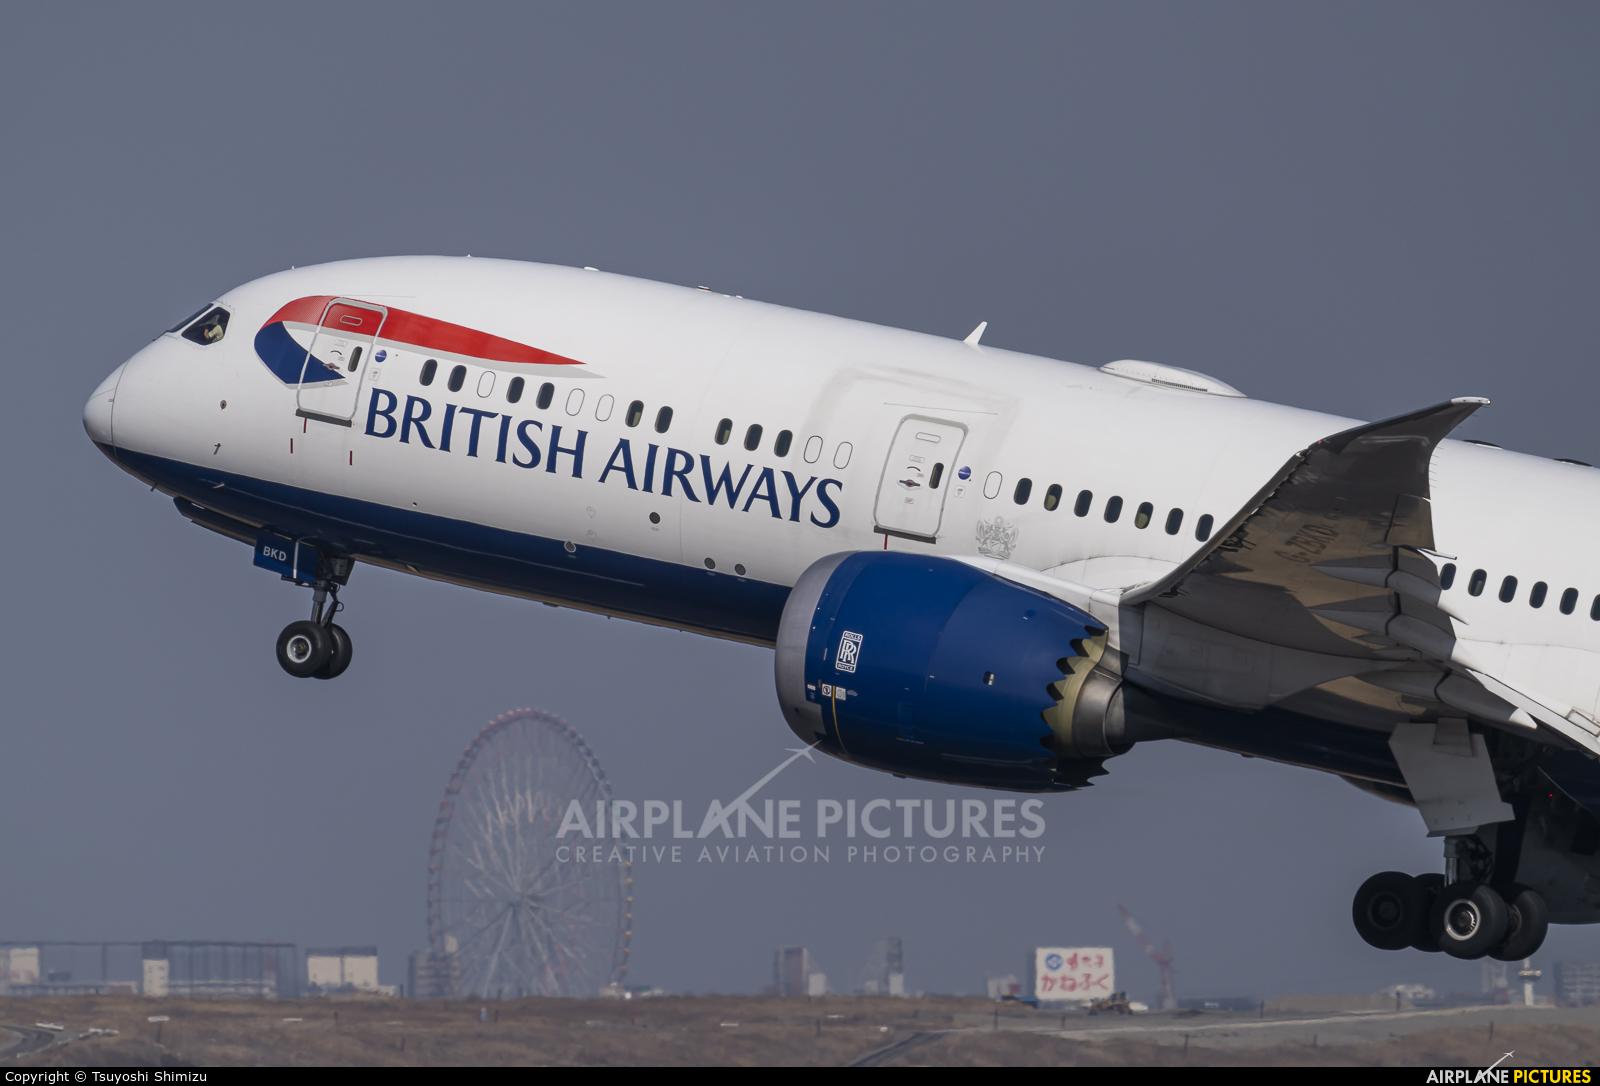 British Airways G-ZBKD aircraft at Tokyo - Haneda Intl